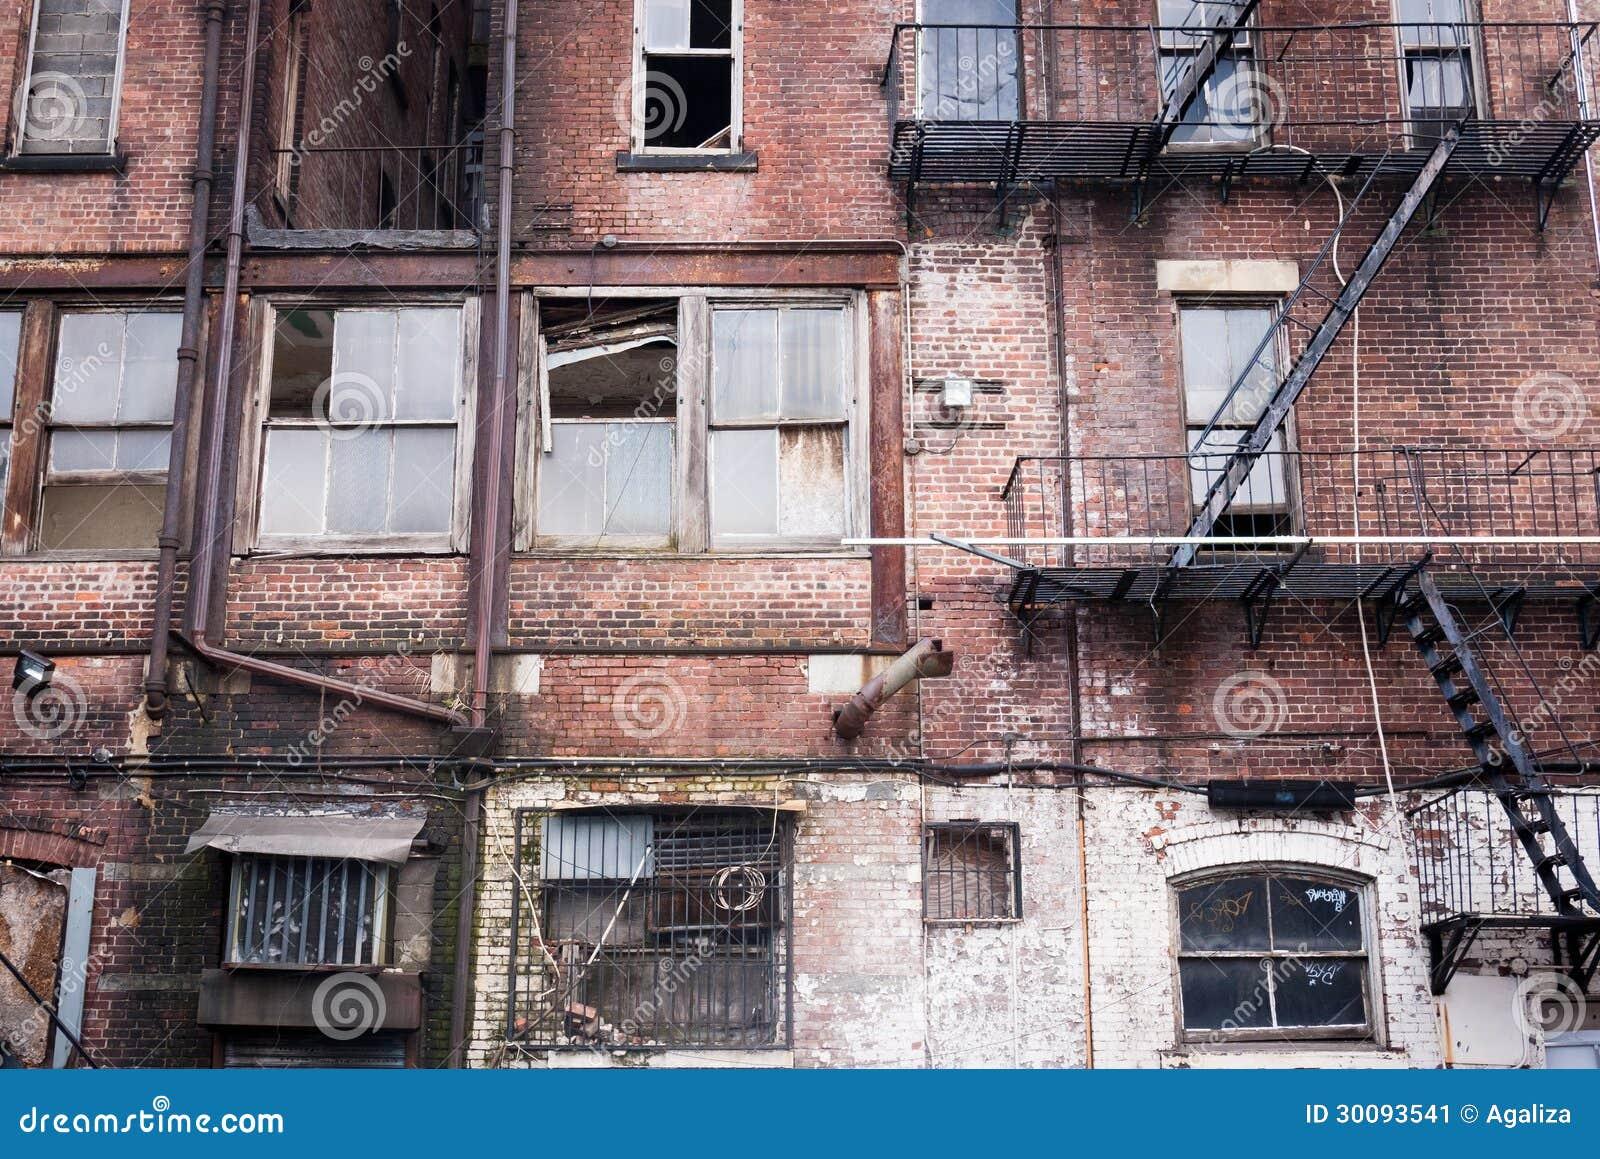 Rundown Building Decay Stock Photos Rundown: Run Down Apartment Facade Stock Image